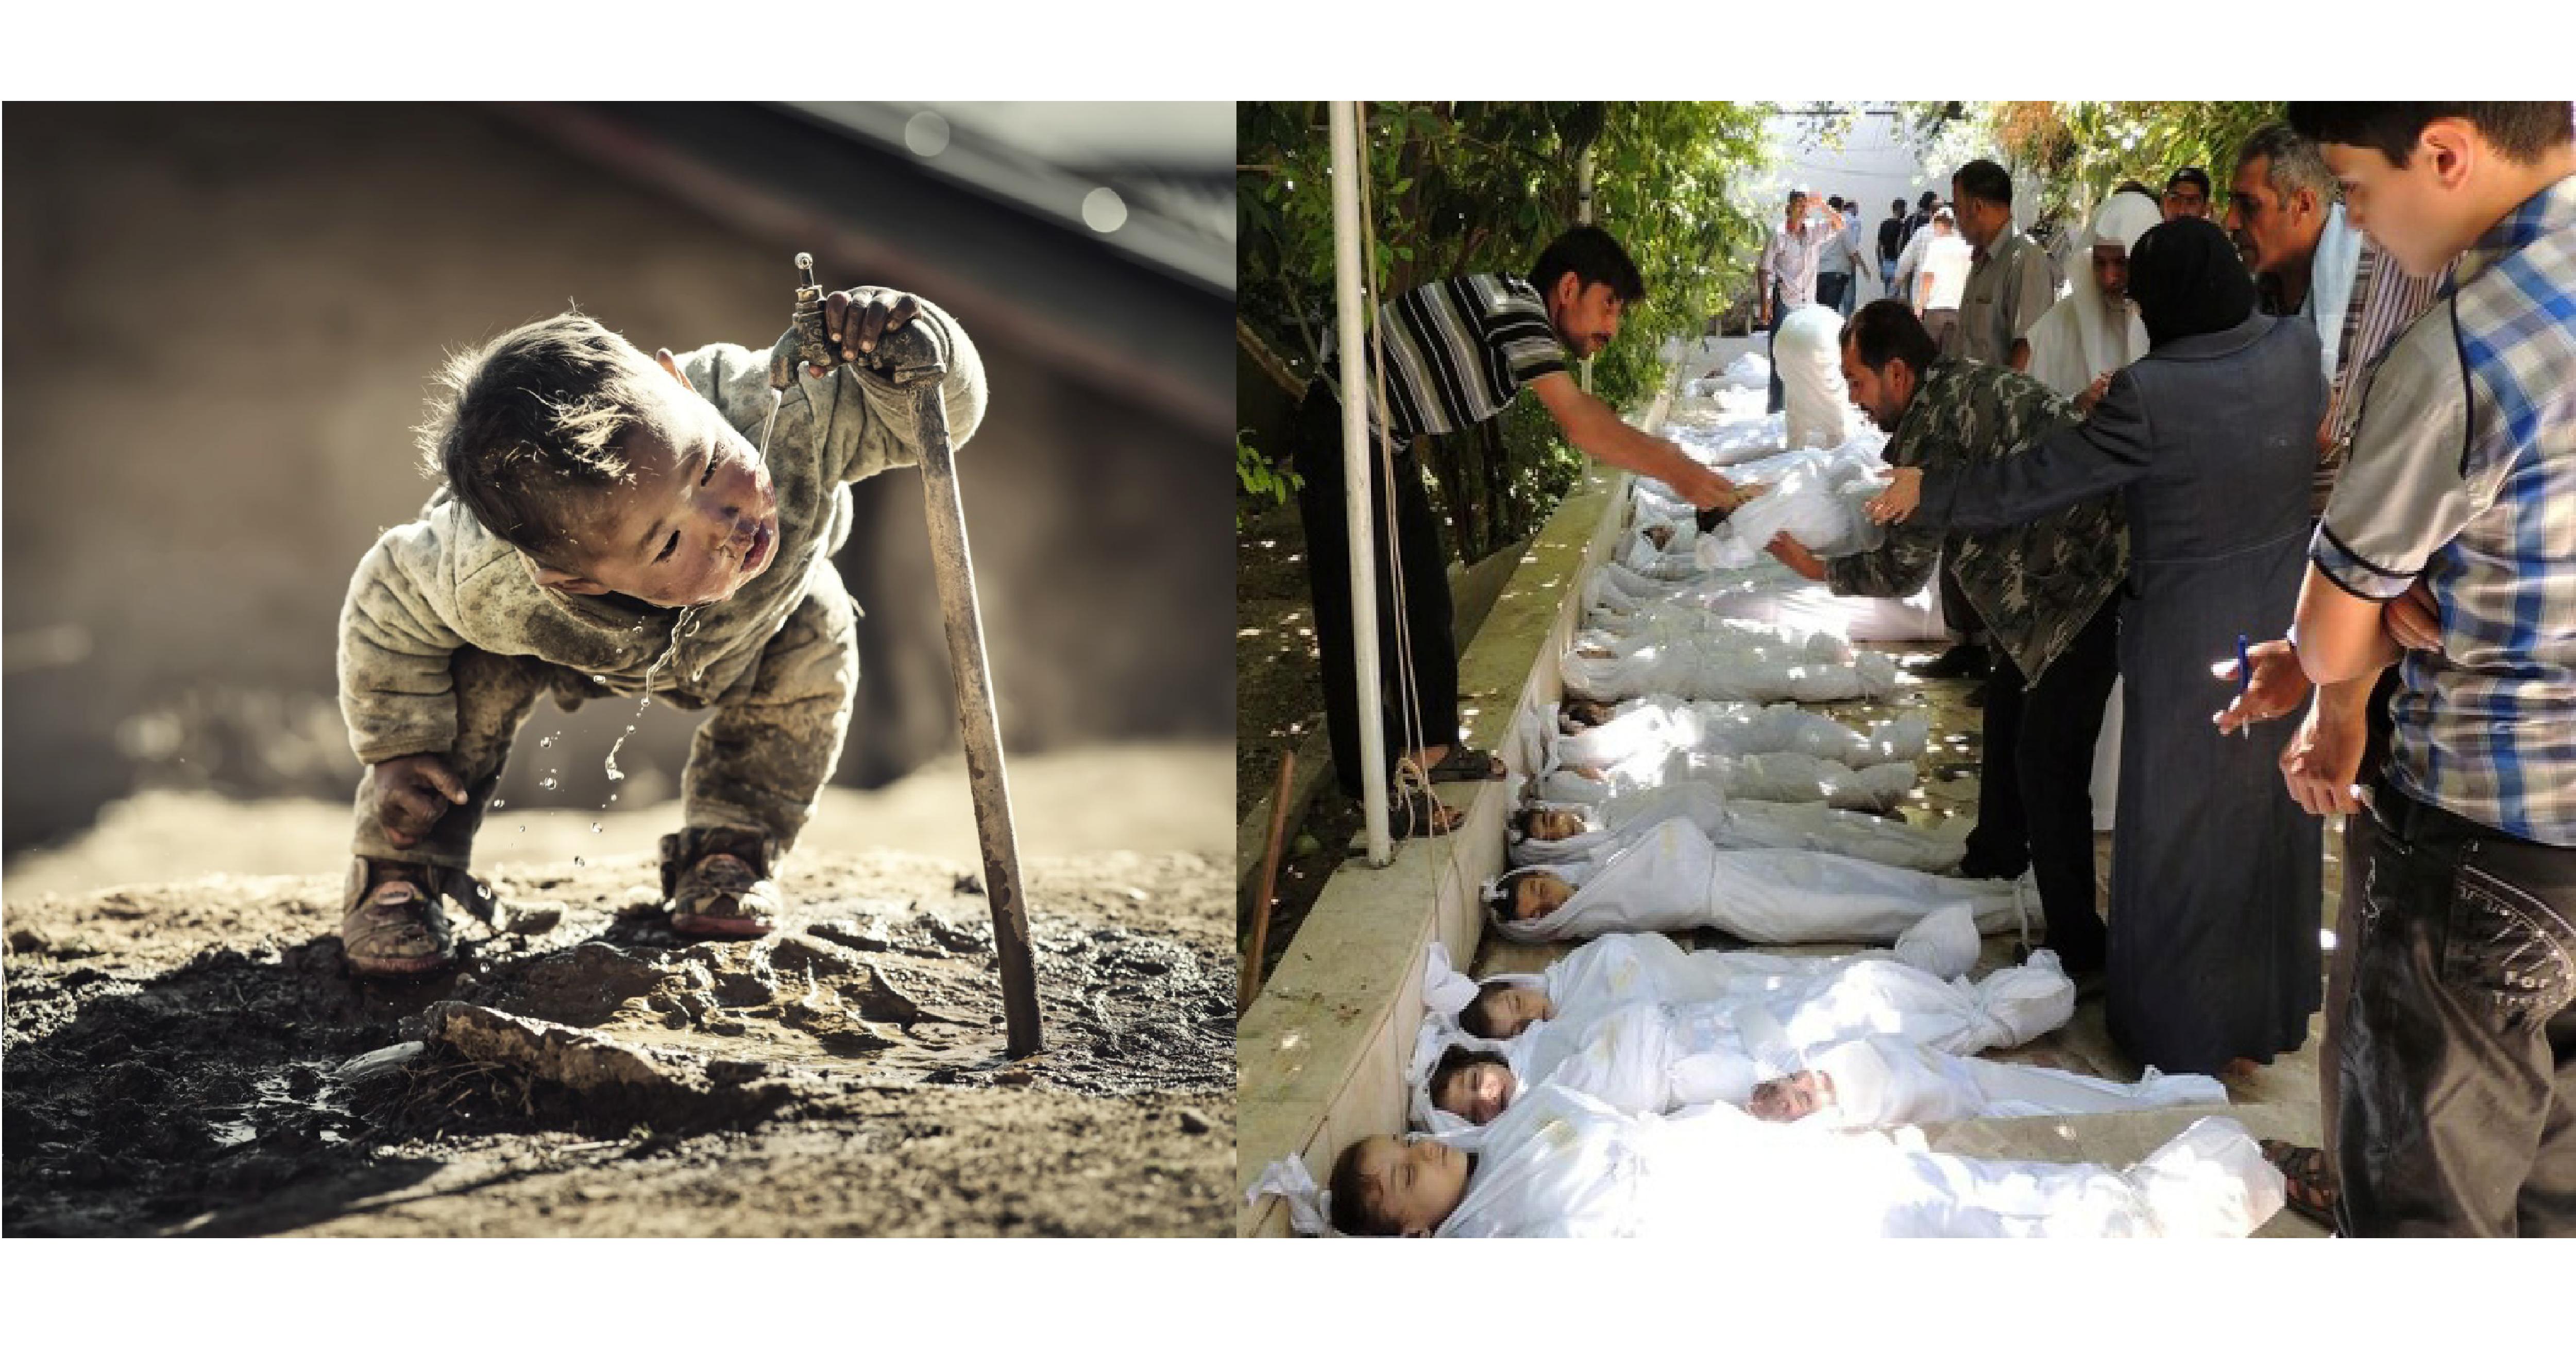 e5b081e99da2 e5b7a5e4bd9ce58d80e59f9f 1 6.png - 這些照片讓人看了超心碎!世界對他們好慘忍...看到第八張的男童,忍不住掉下淚來